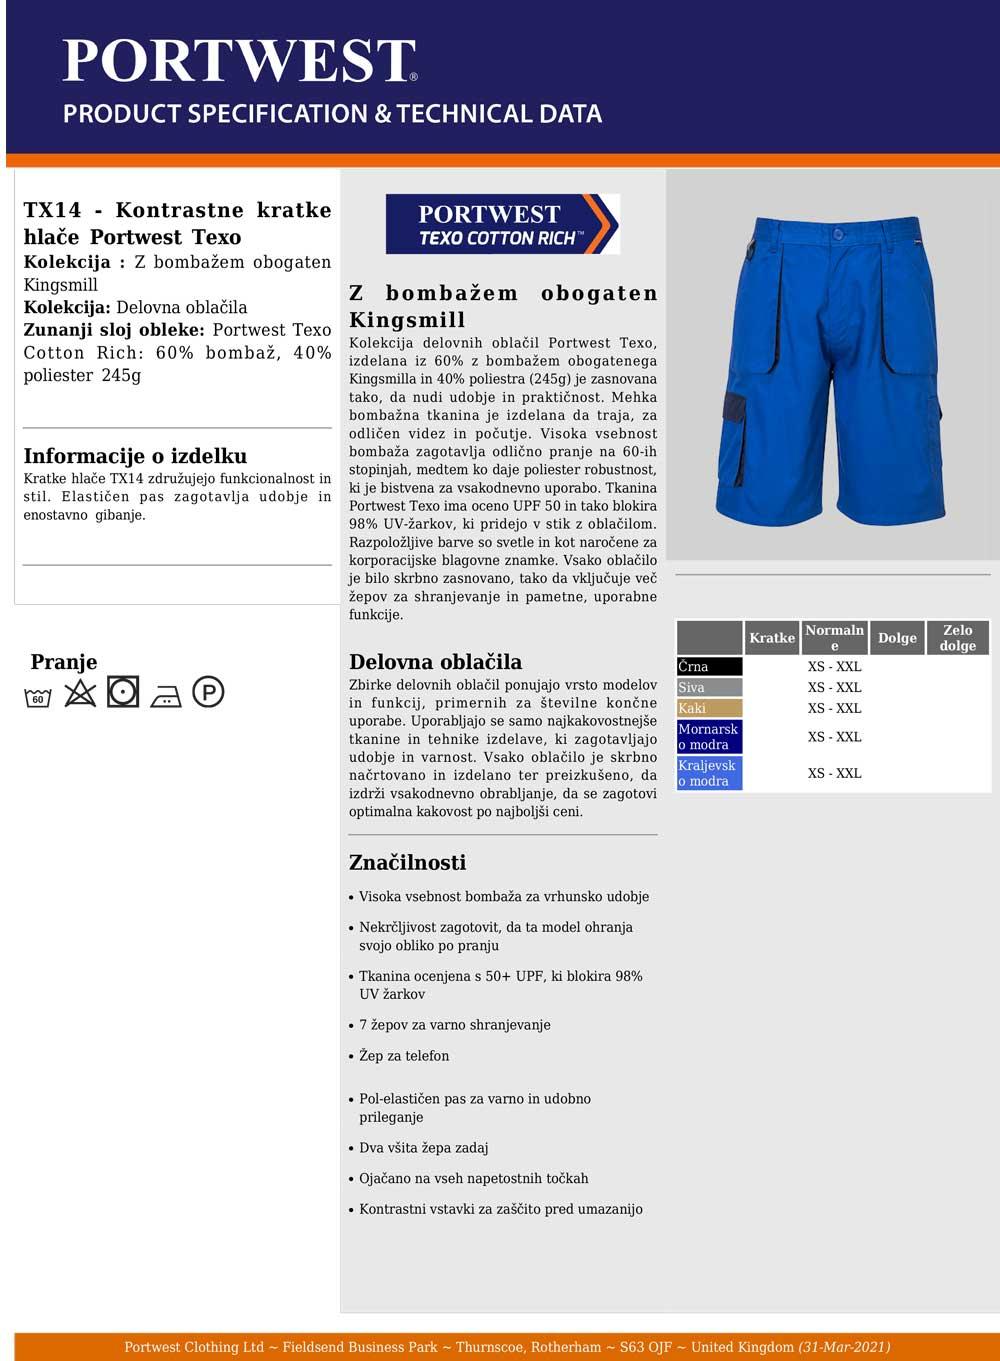 TX14 Specifikacije